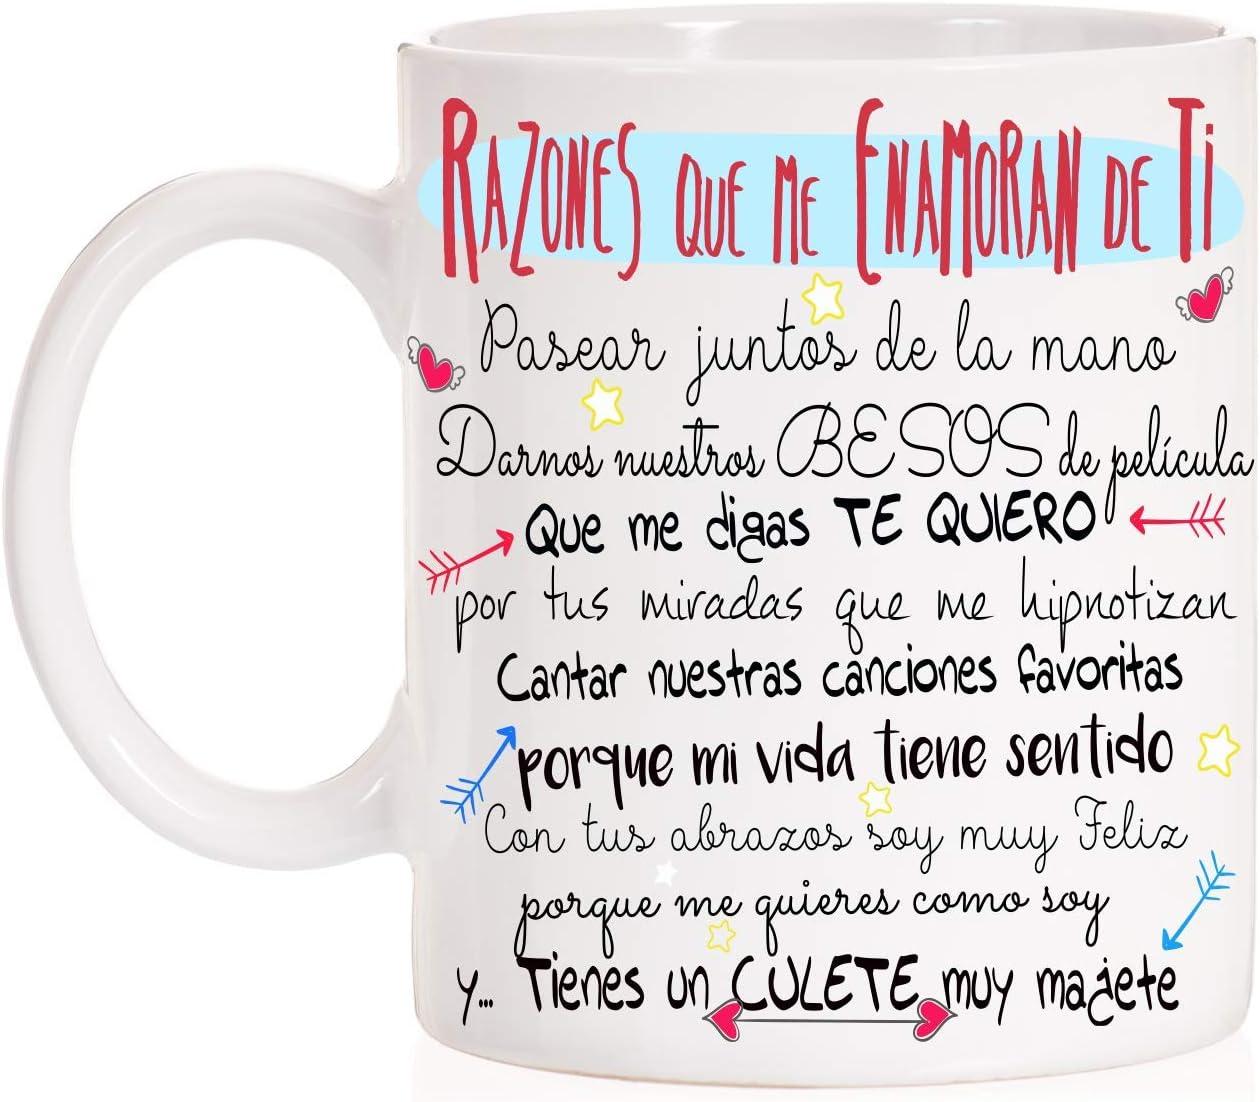 FUNNY CUP Taza Razones Que me Enamoran de Ti. Regalo Divertido con Mucho Amor para Parejas. San valentín. Día de los Enamorados.